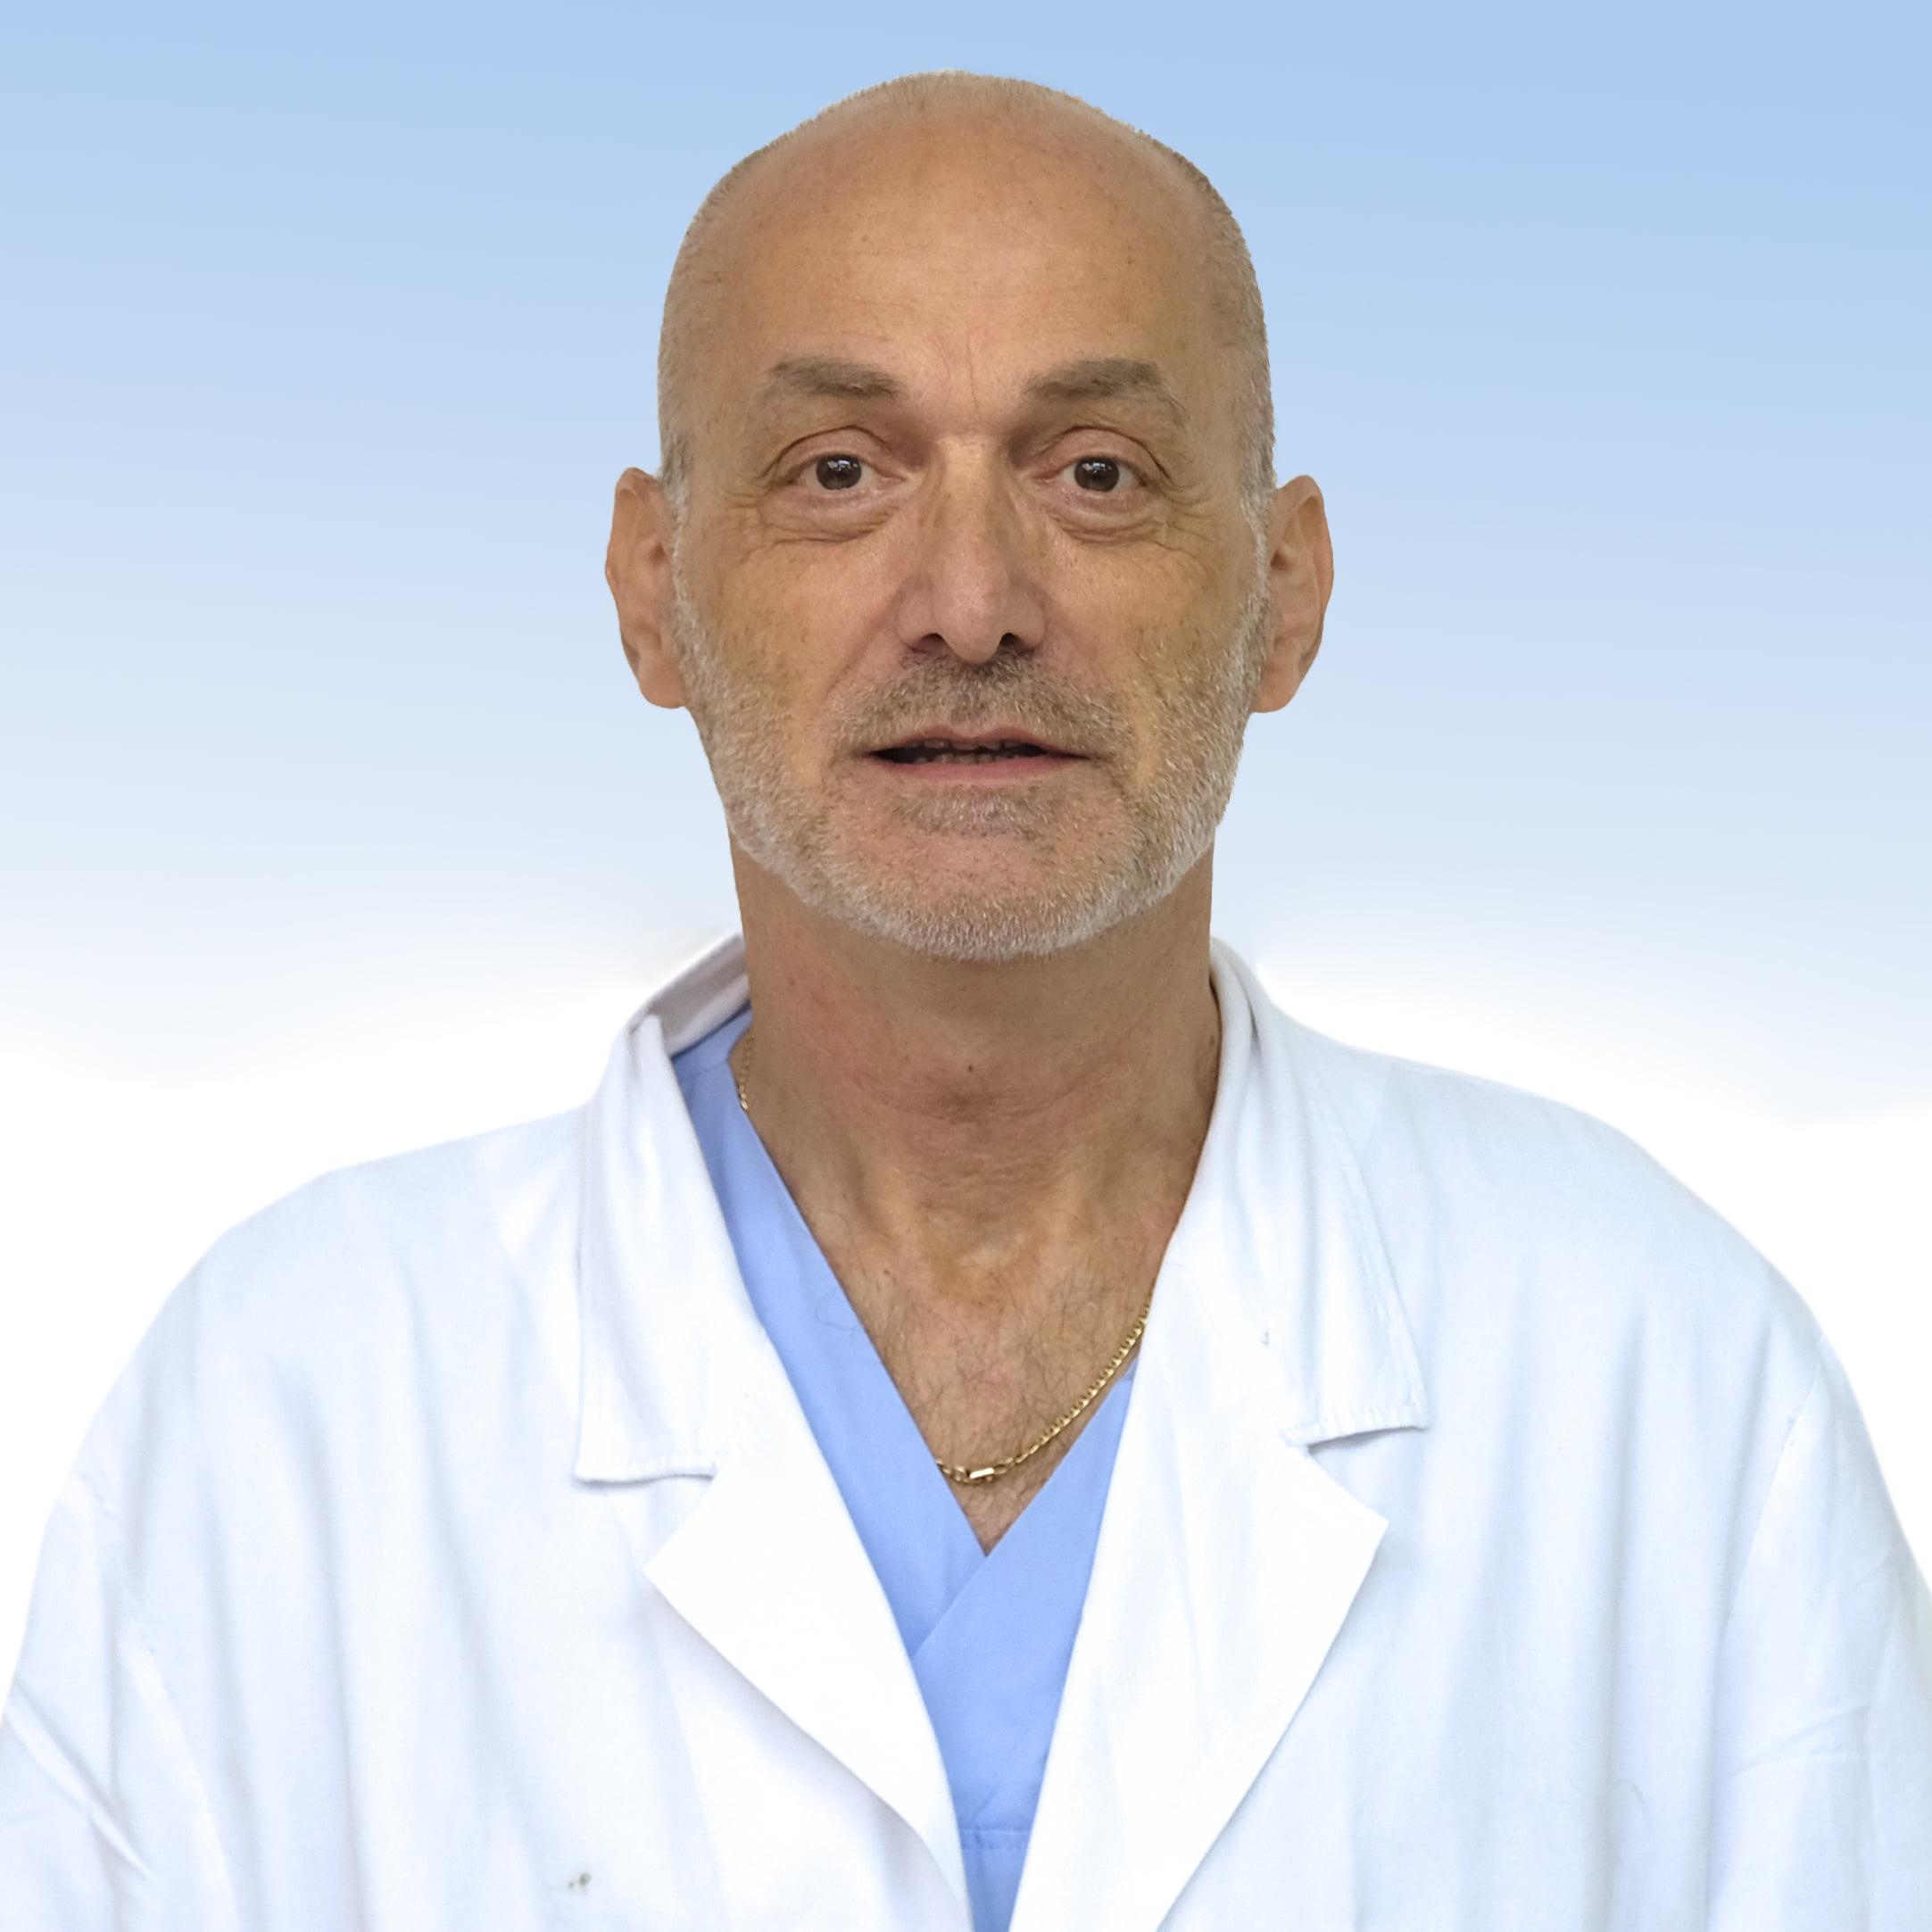 Dottor Giulio Molon, cardiologo IRCCS Ospedale Sacro Cuore Don Calabria di Negrar